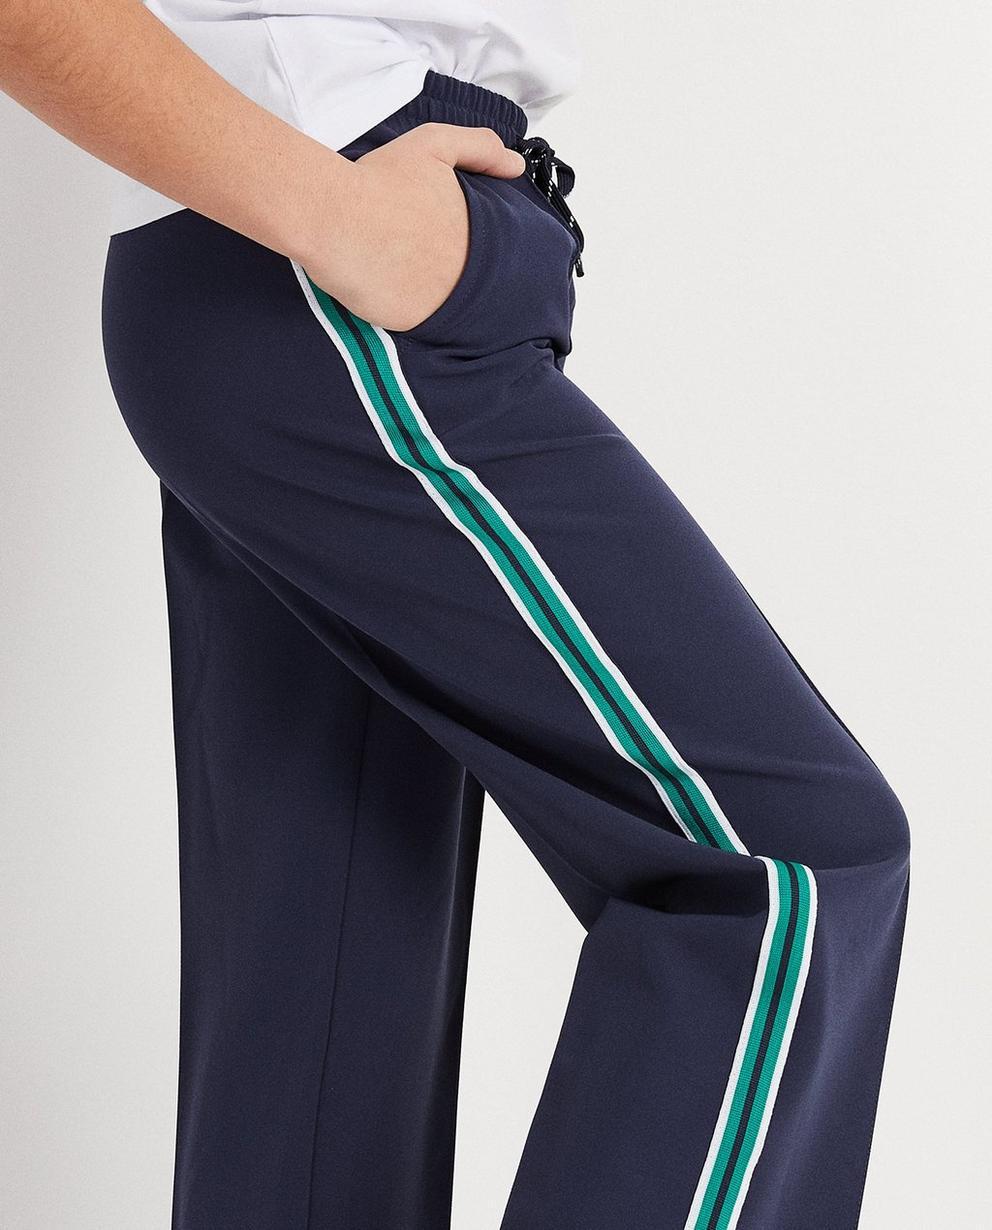 Shorts - Navy - Weiche Hose mit Streifen